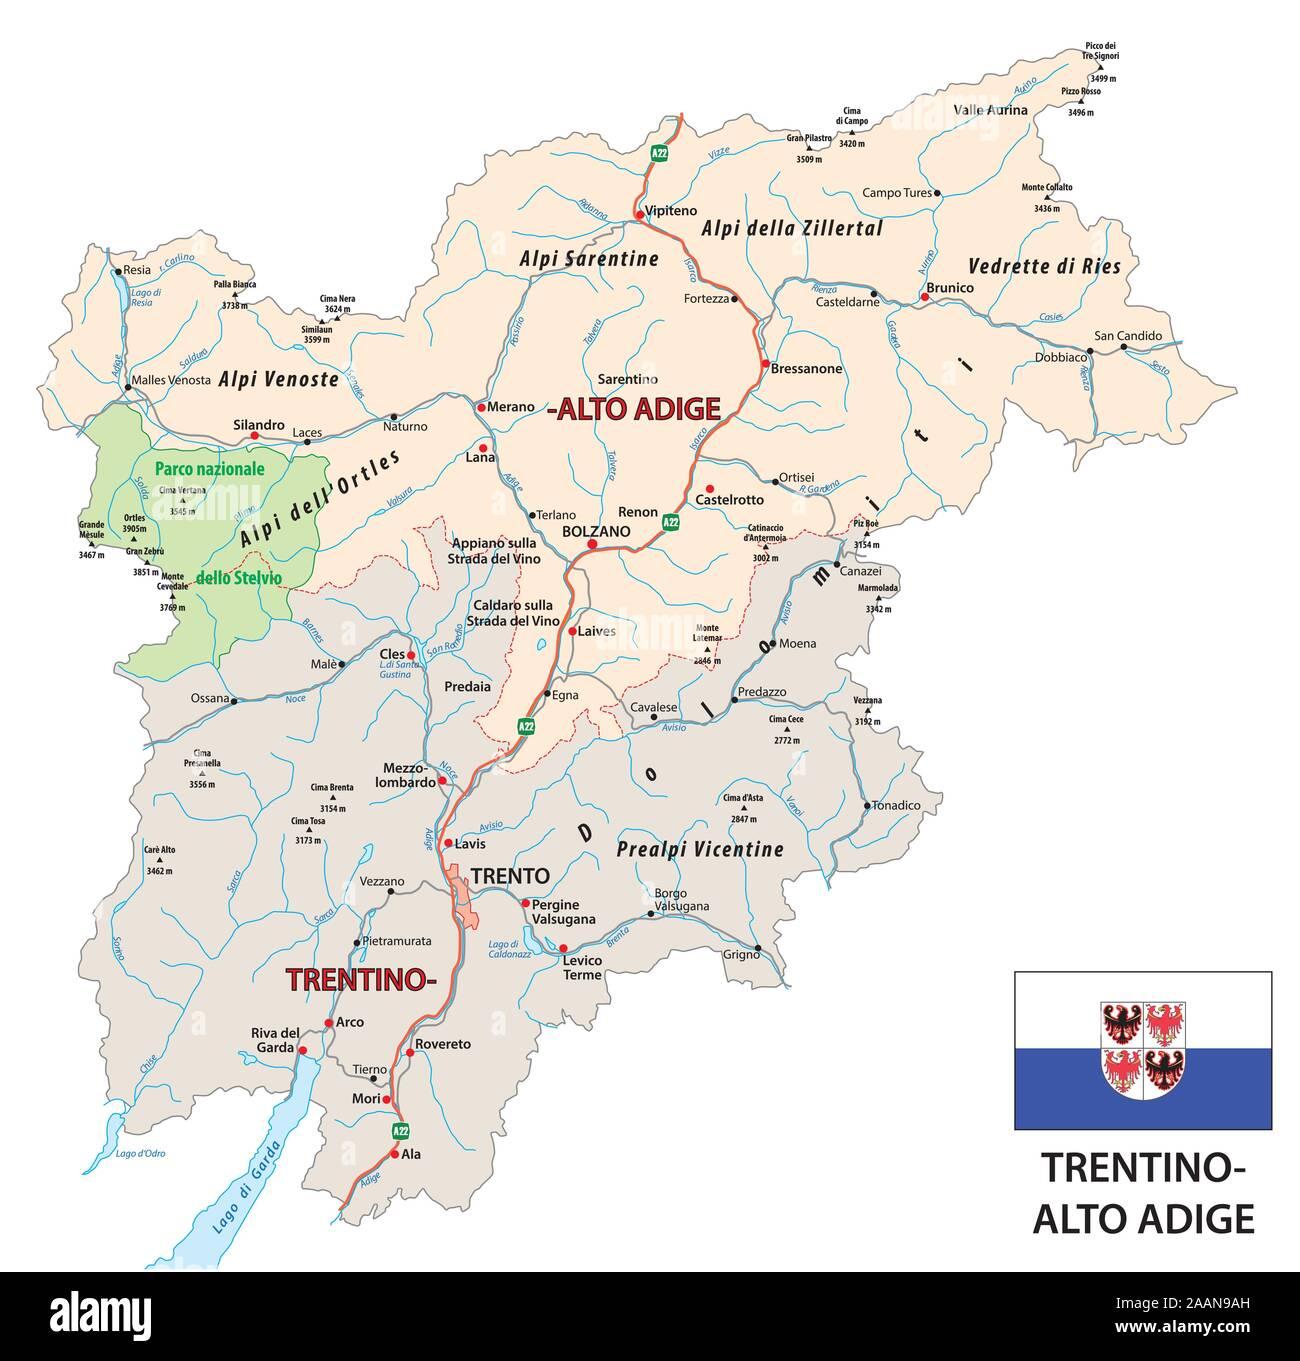 Trentino Alto Adige Cartina Stradale.Trentino Alto Adige Map Immagini E Fotos Stock Alamy